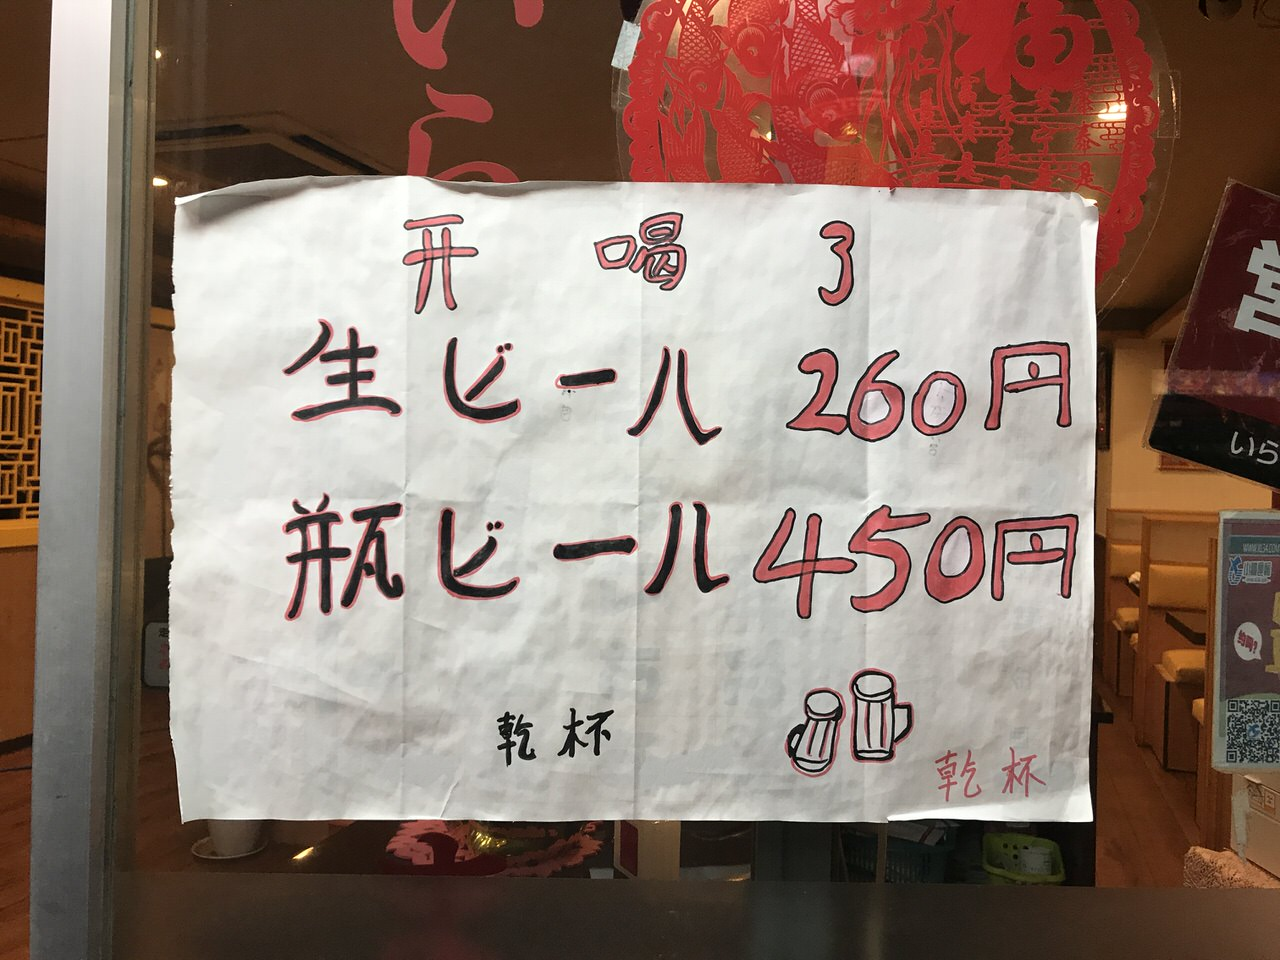 Nishikawaguchi 4969